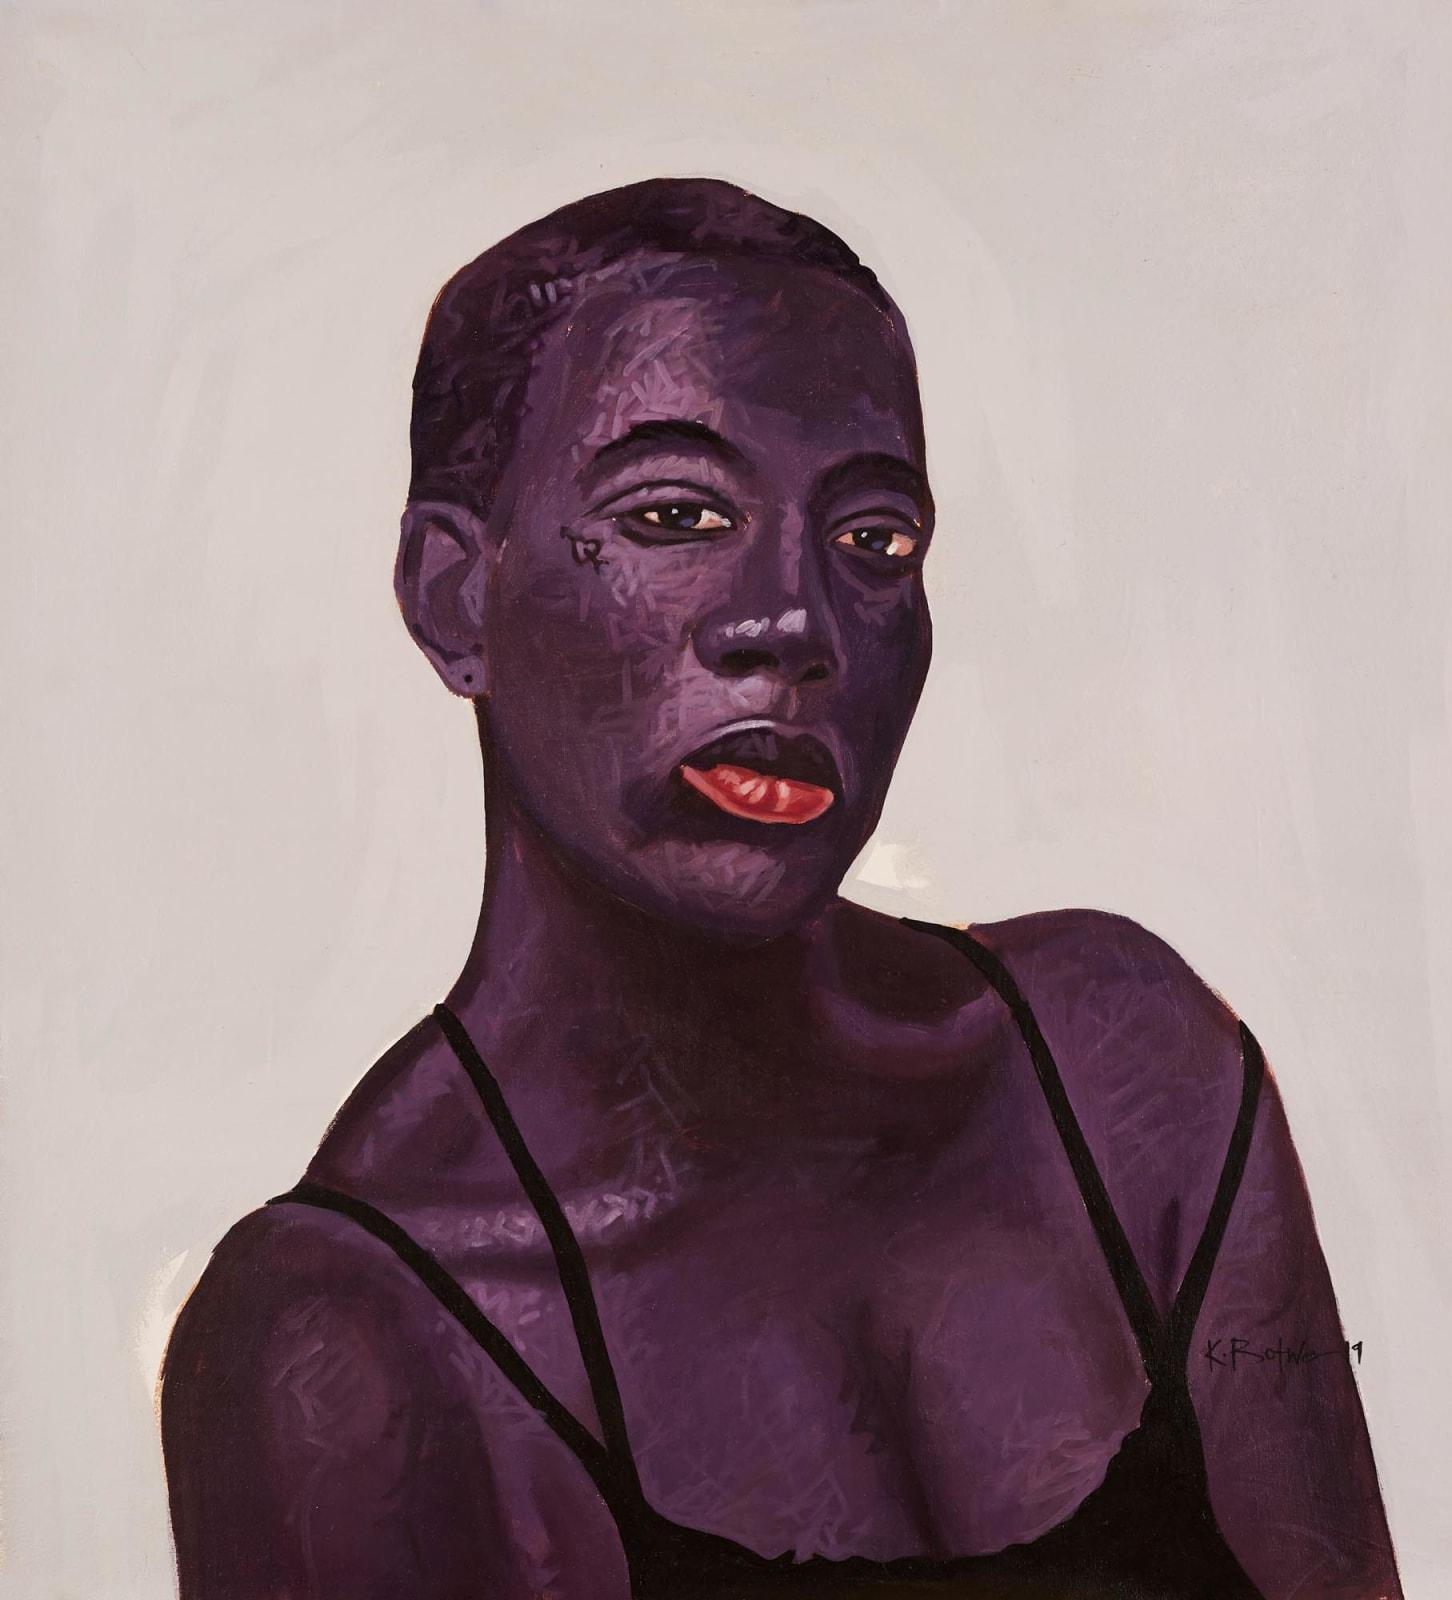 Kwesi Botchway, Queenie, 2020